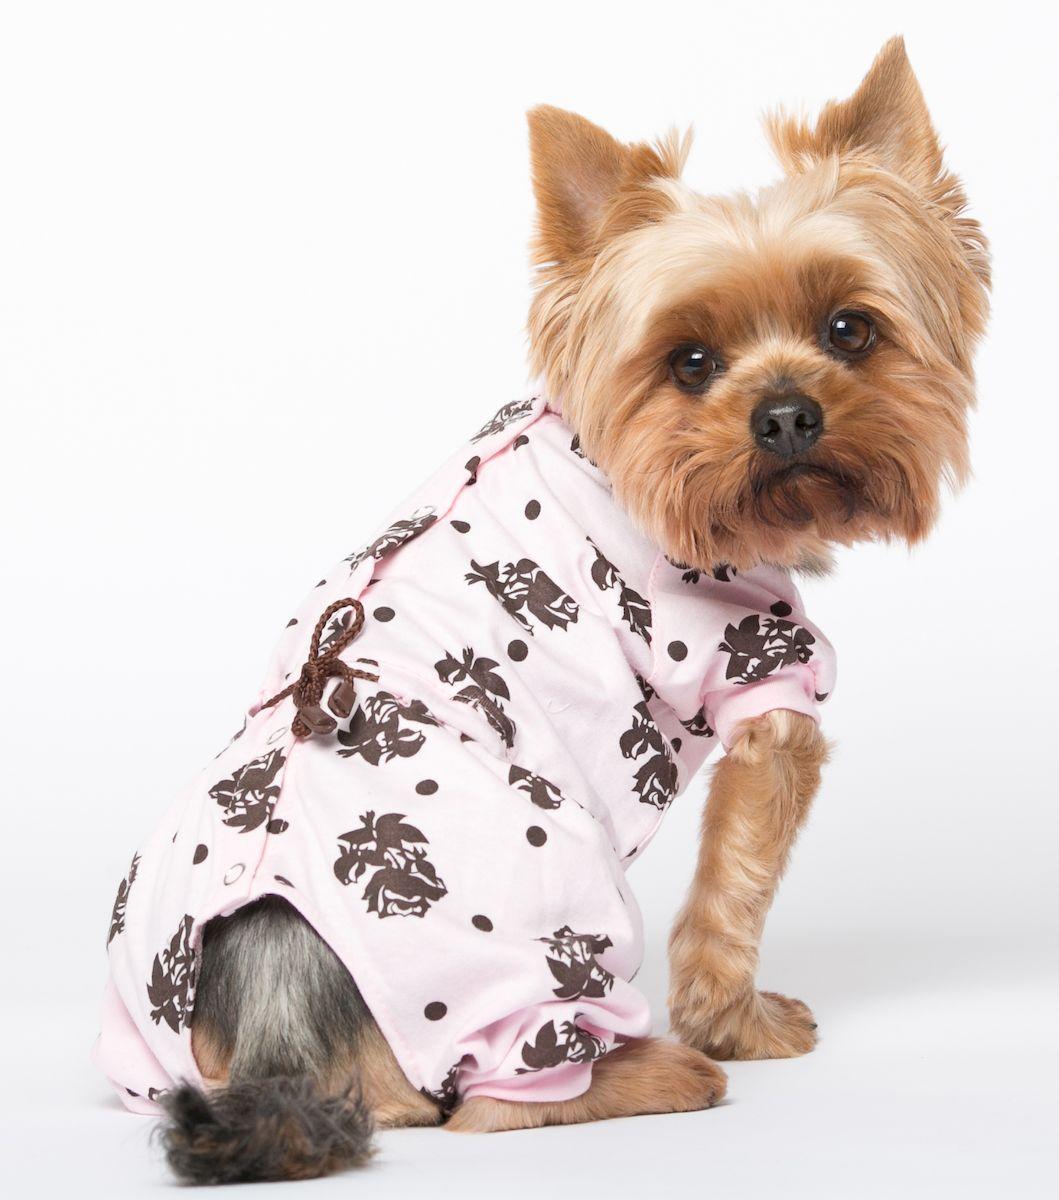 одежда для собак маленьких пород картинки лист отправляемый клиенту